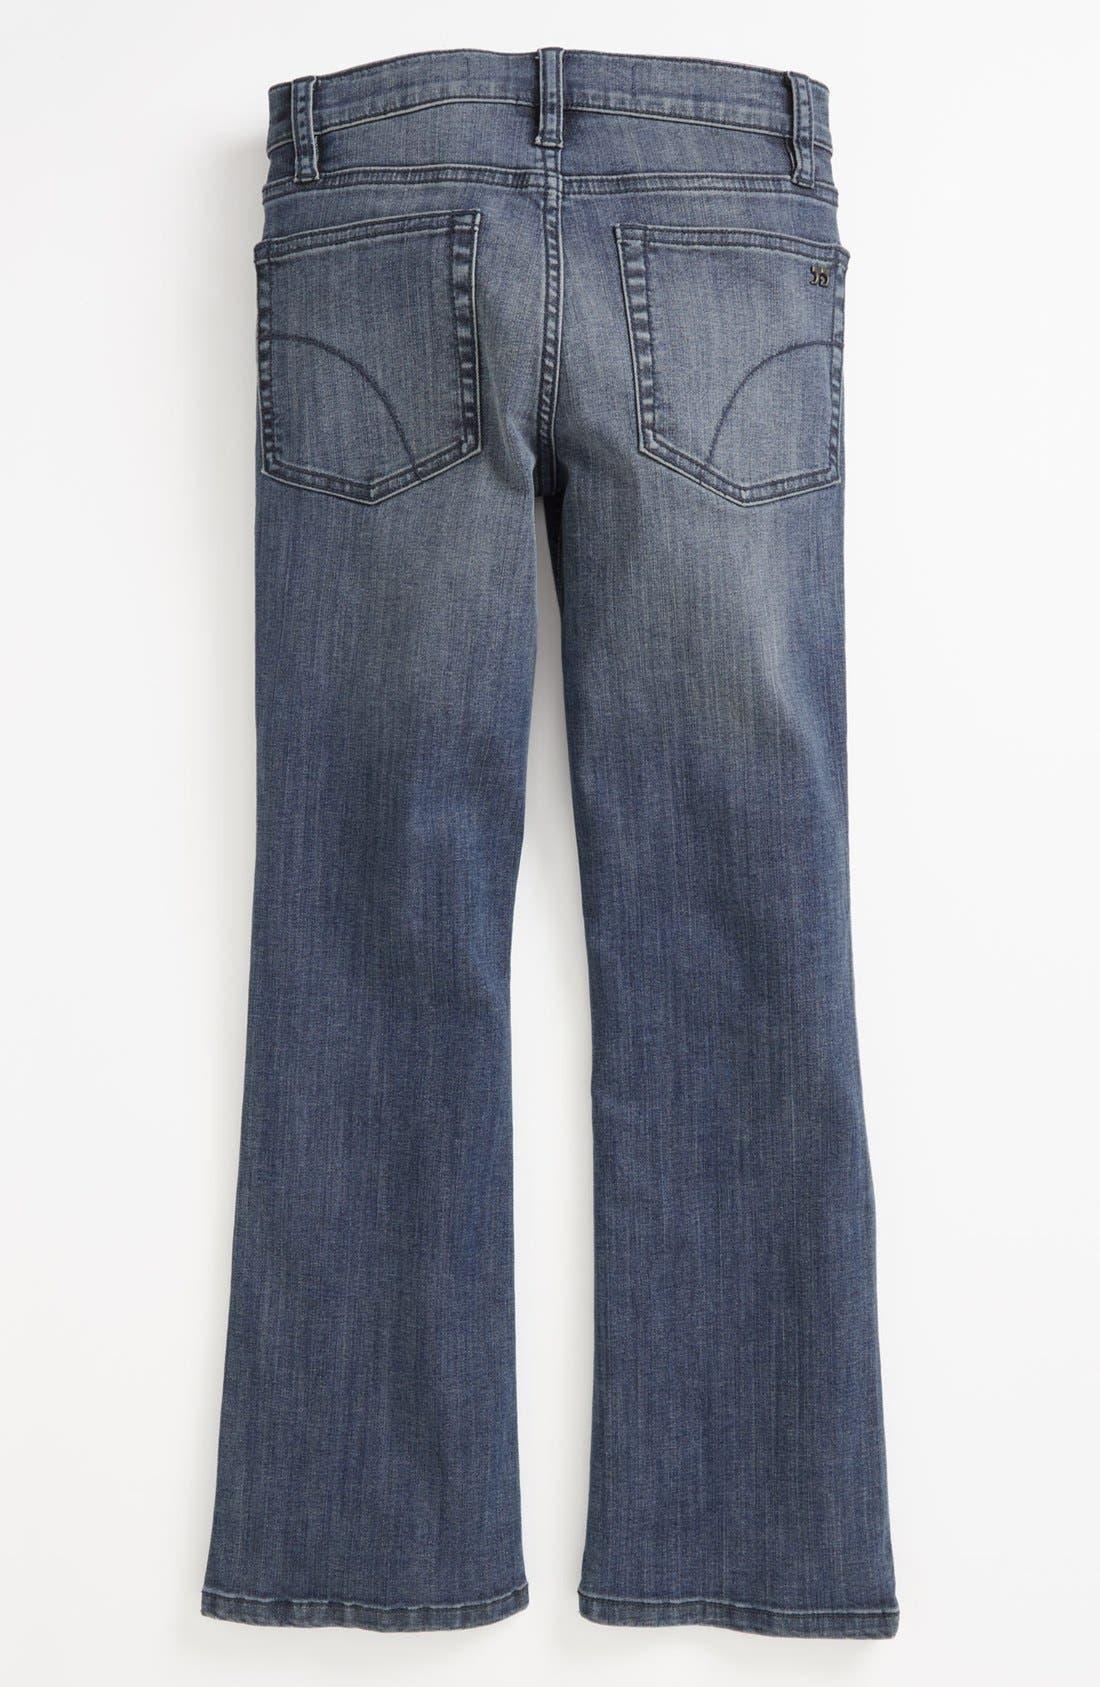 Alternate Image 1 Selected - Joe's 'Rebel' Straight Leg Jeans (Little Boys)